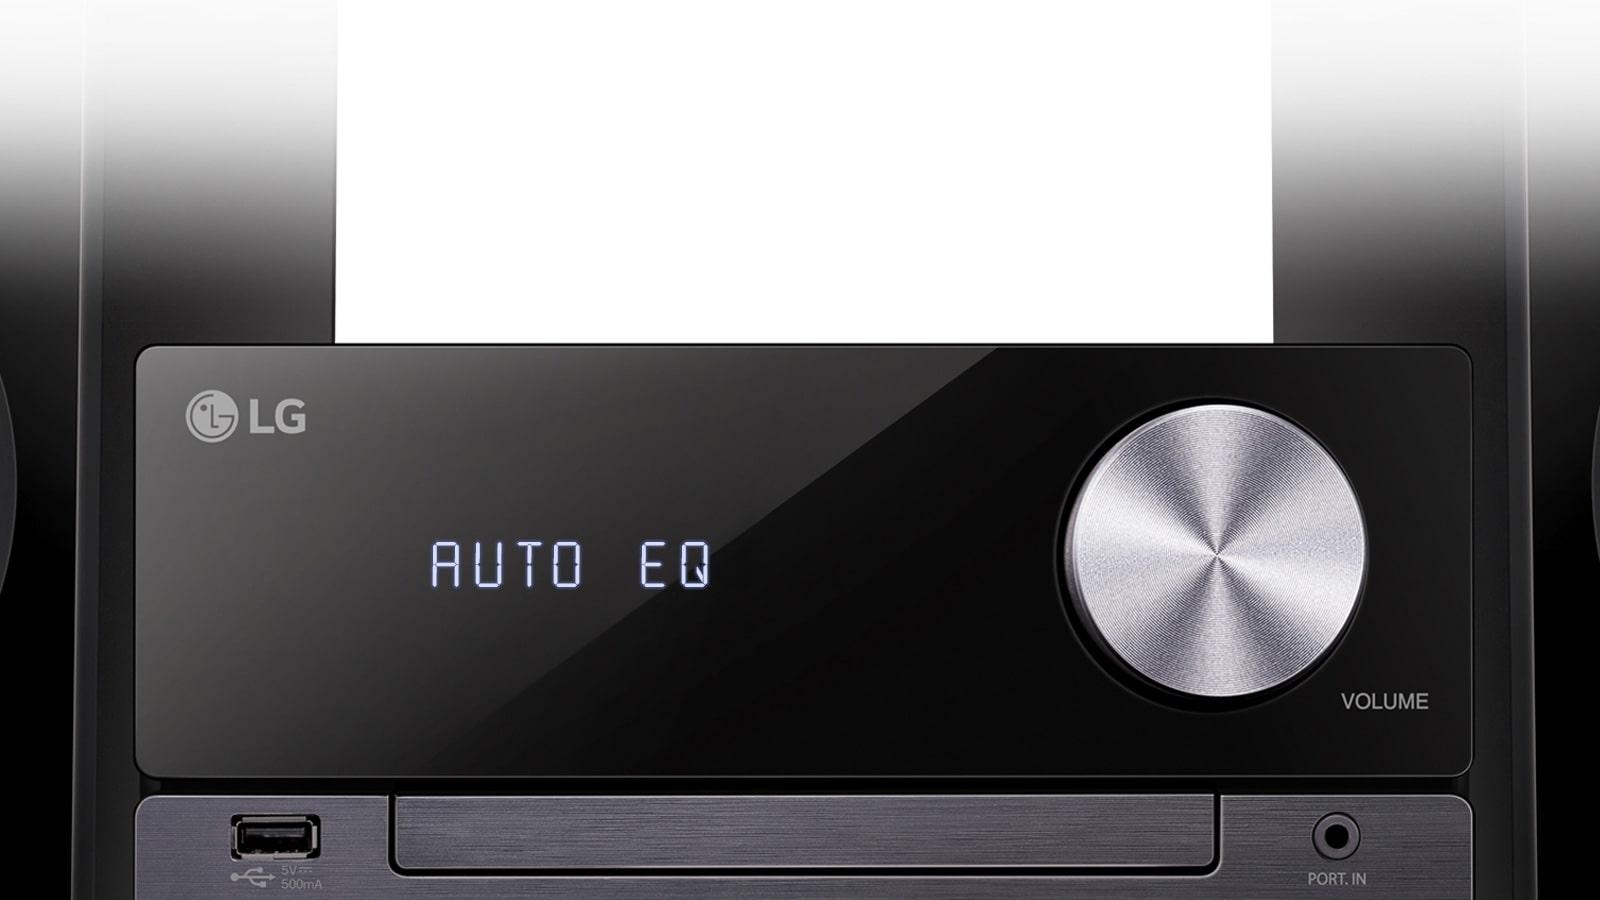 Sound EQ